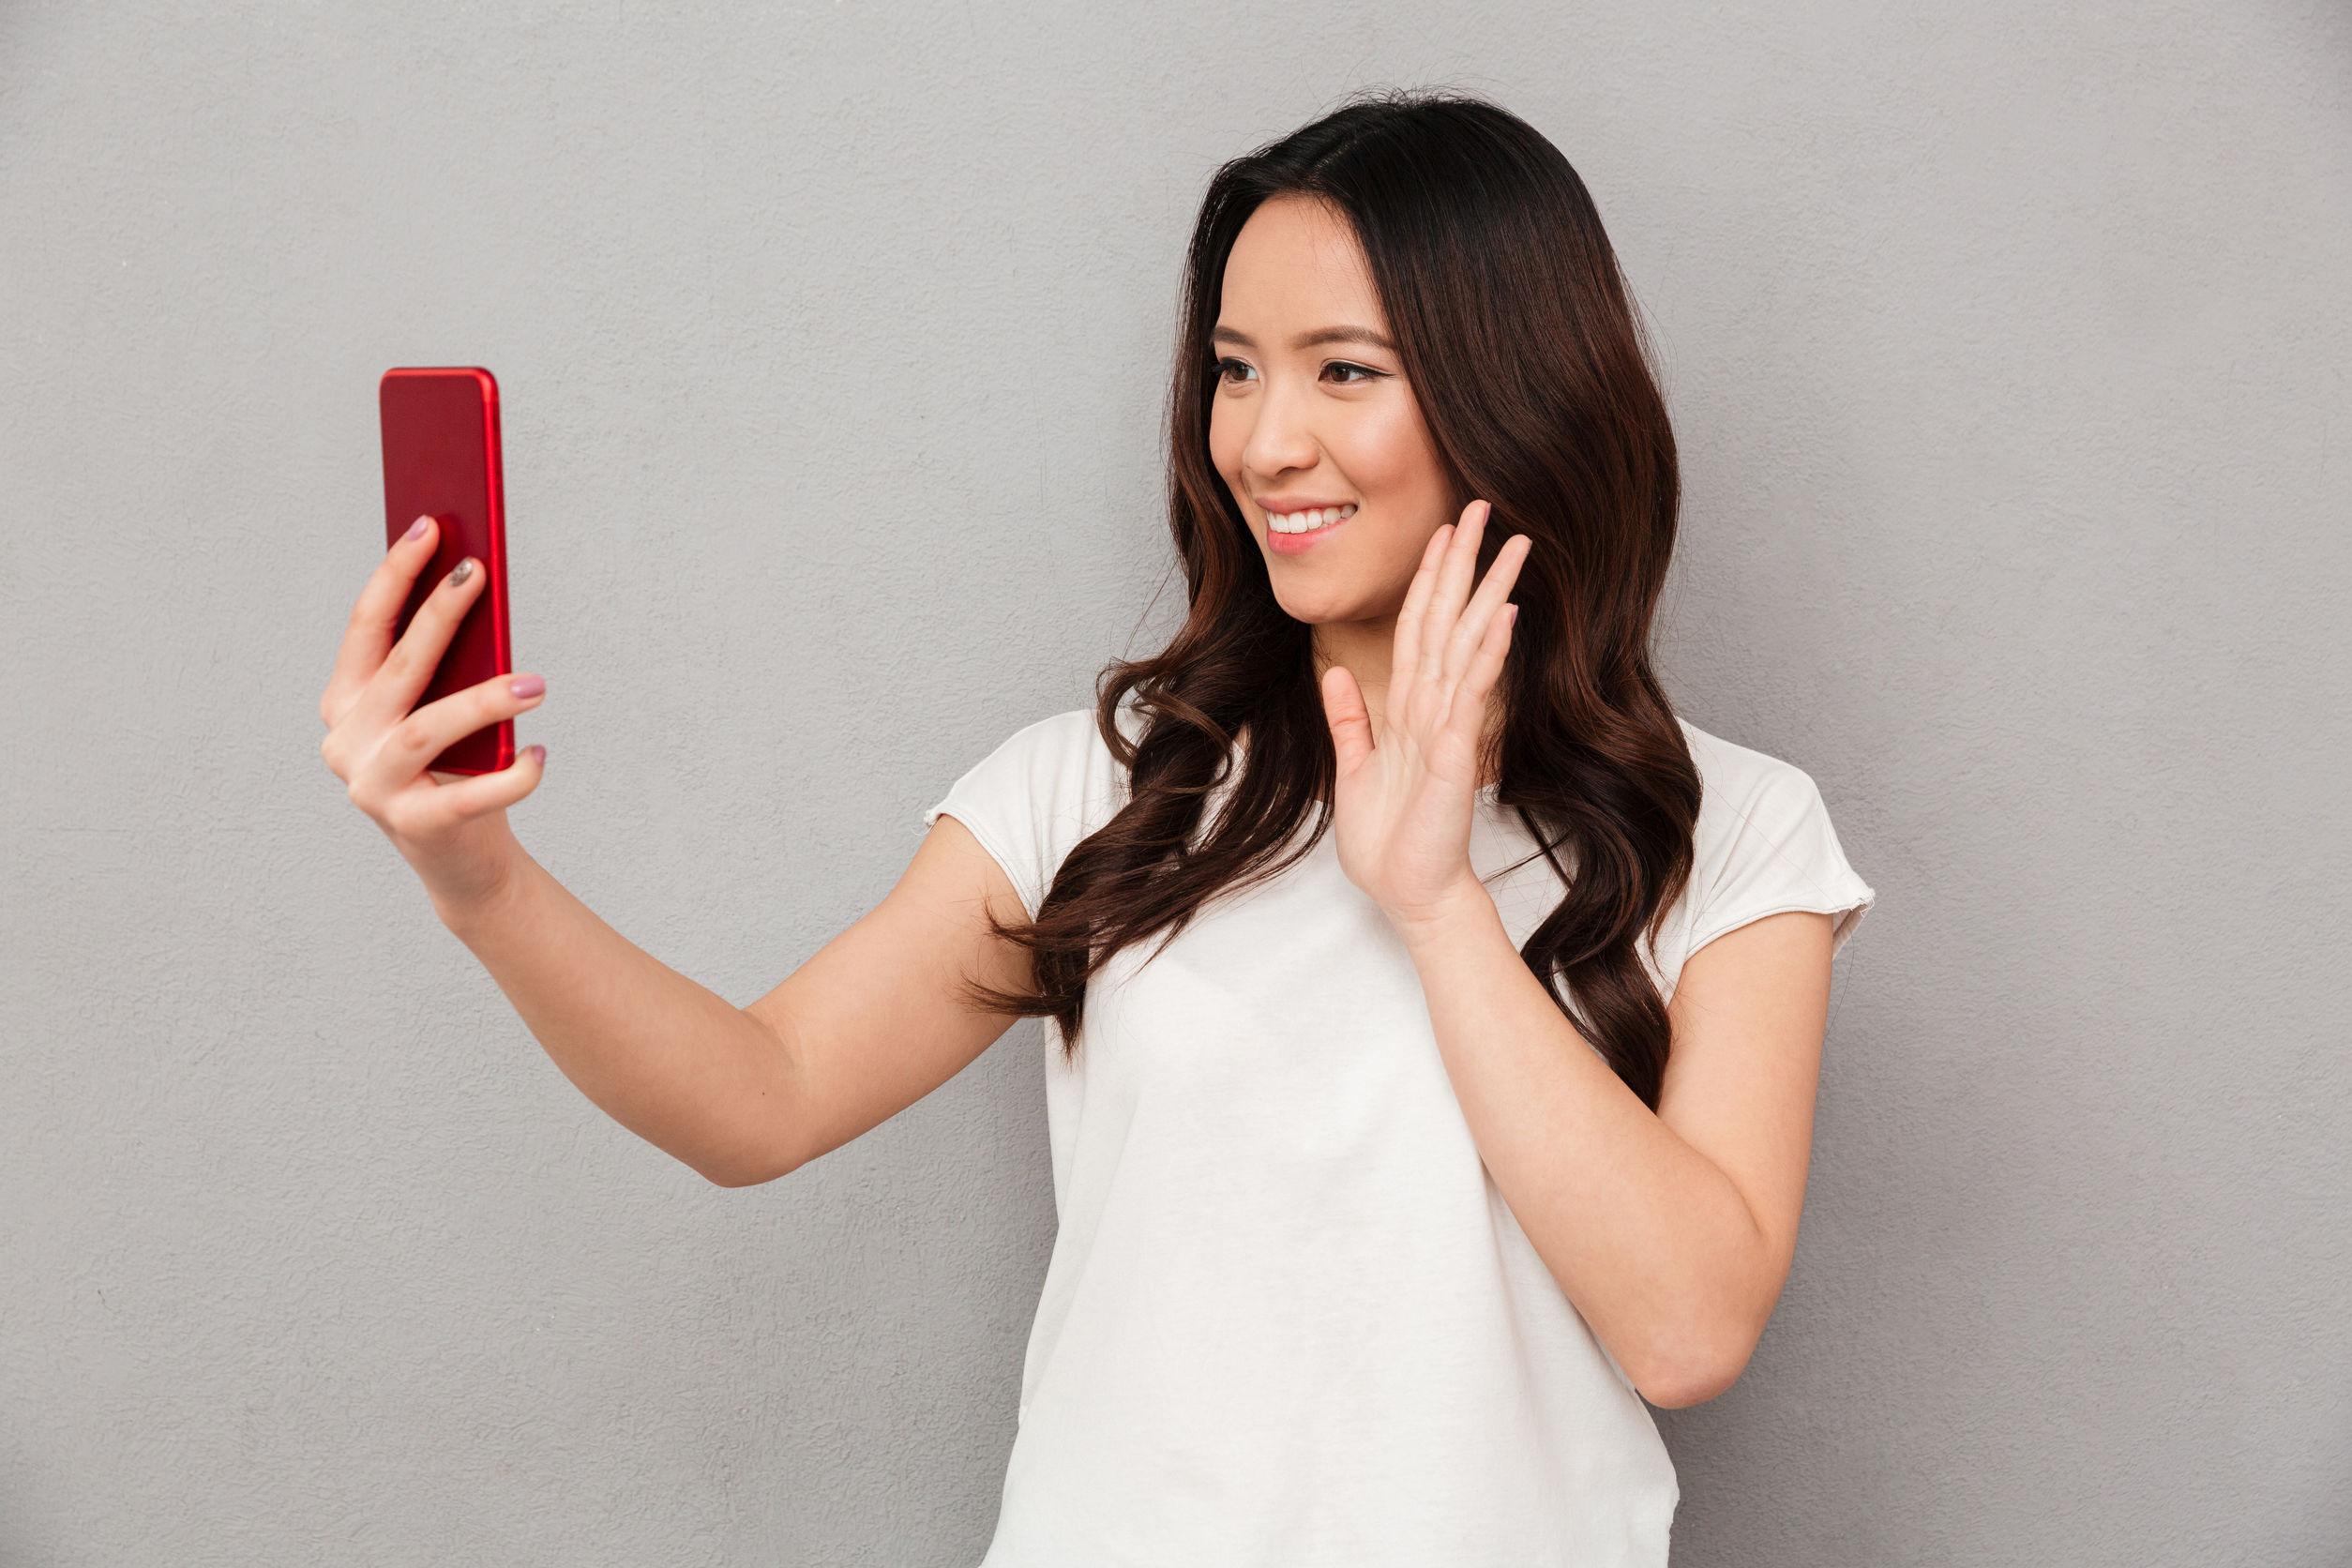 Luz de selfie: Como escolher o melhor modelo em 2020